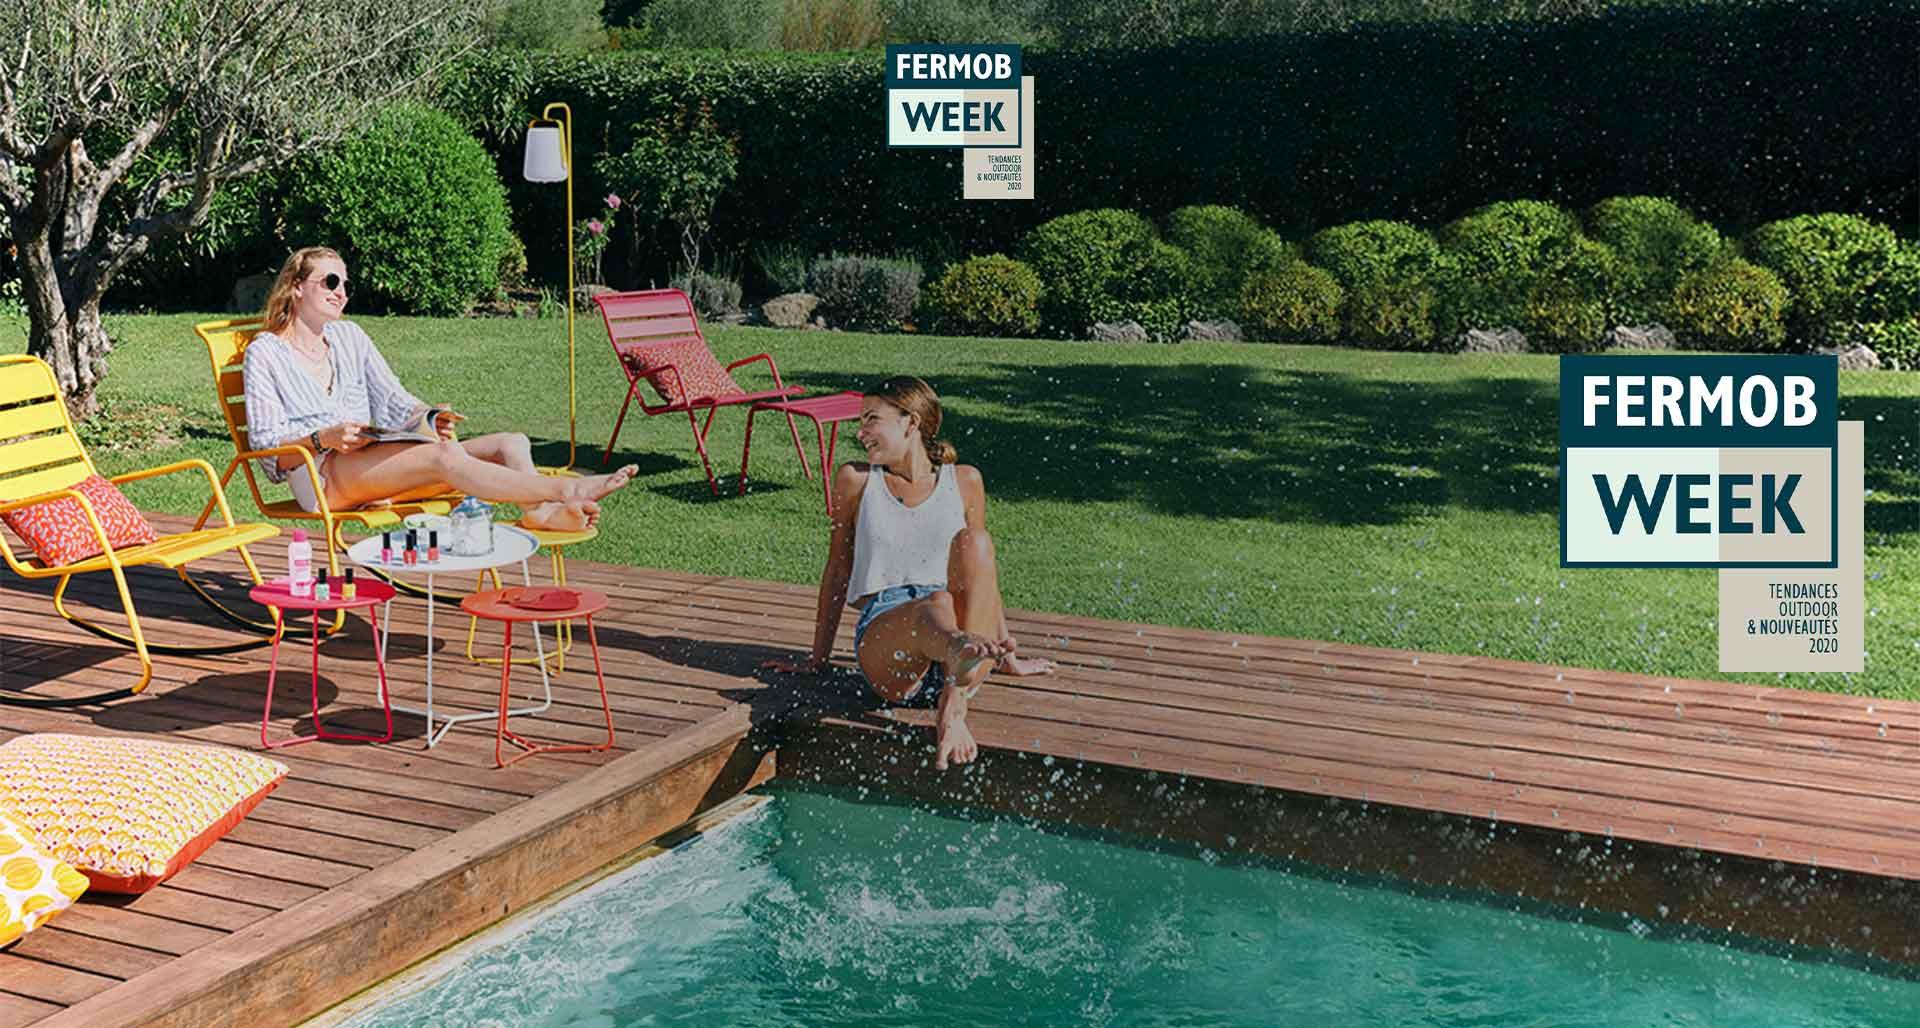 Jardineries Truffaut : Spécialiste Jardin, Animaux, Maison dedans Truffaut Salon De Jardin